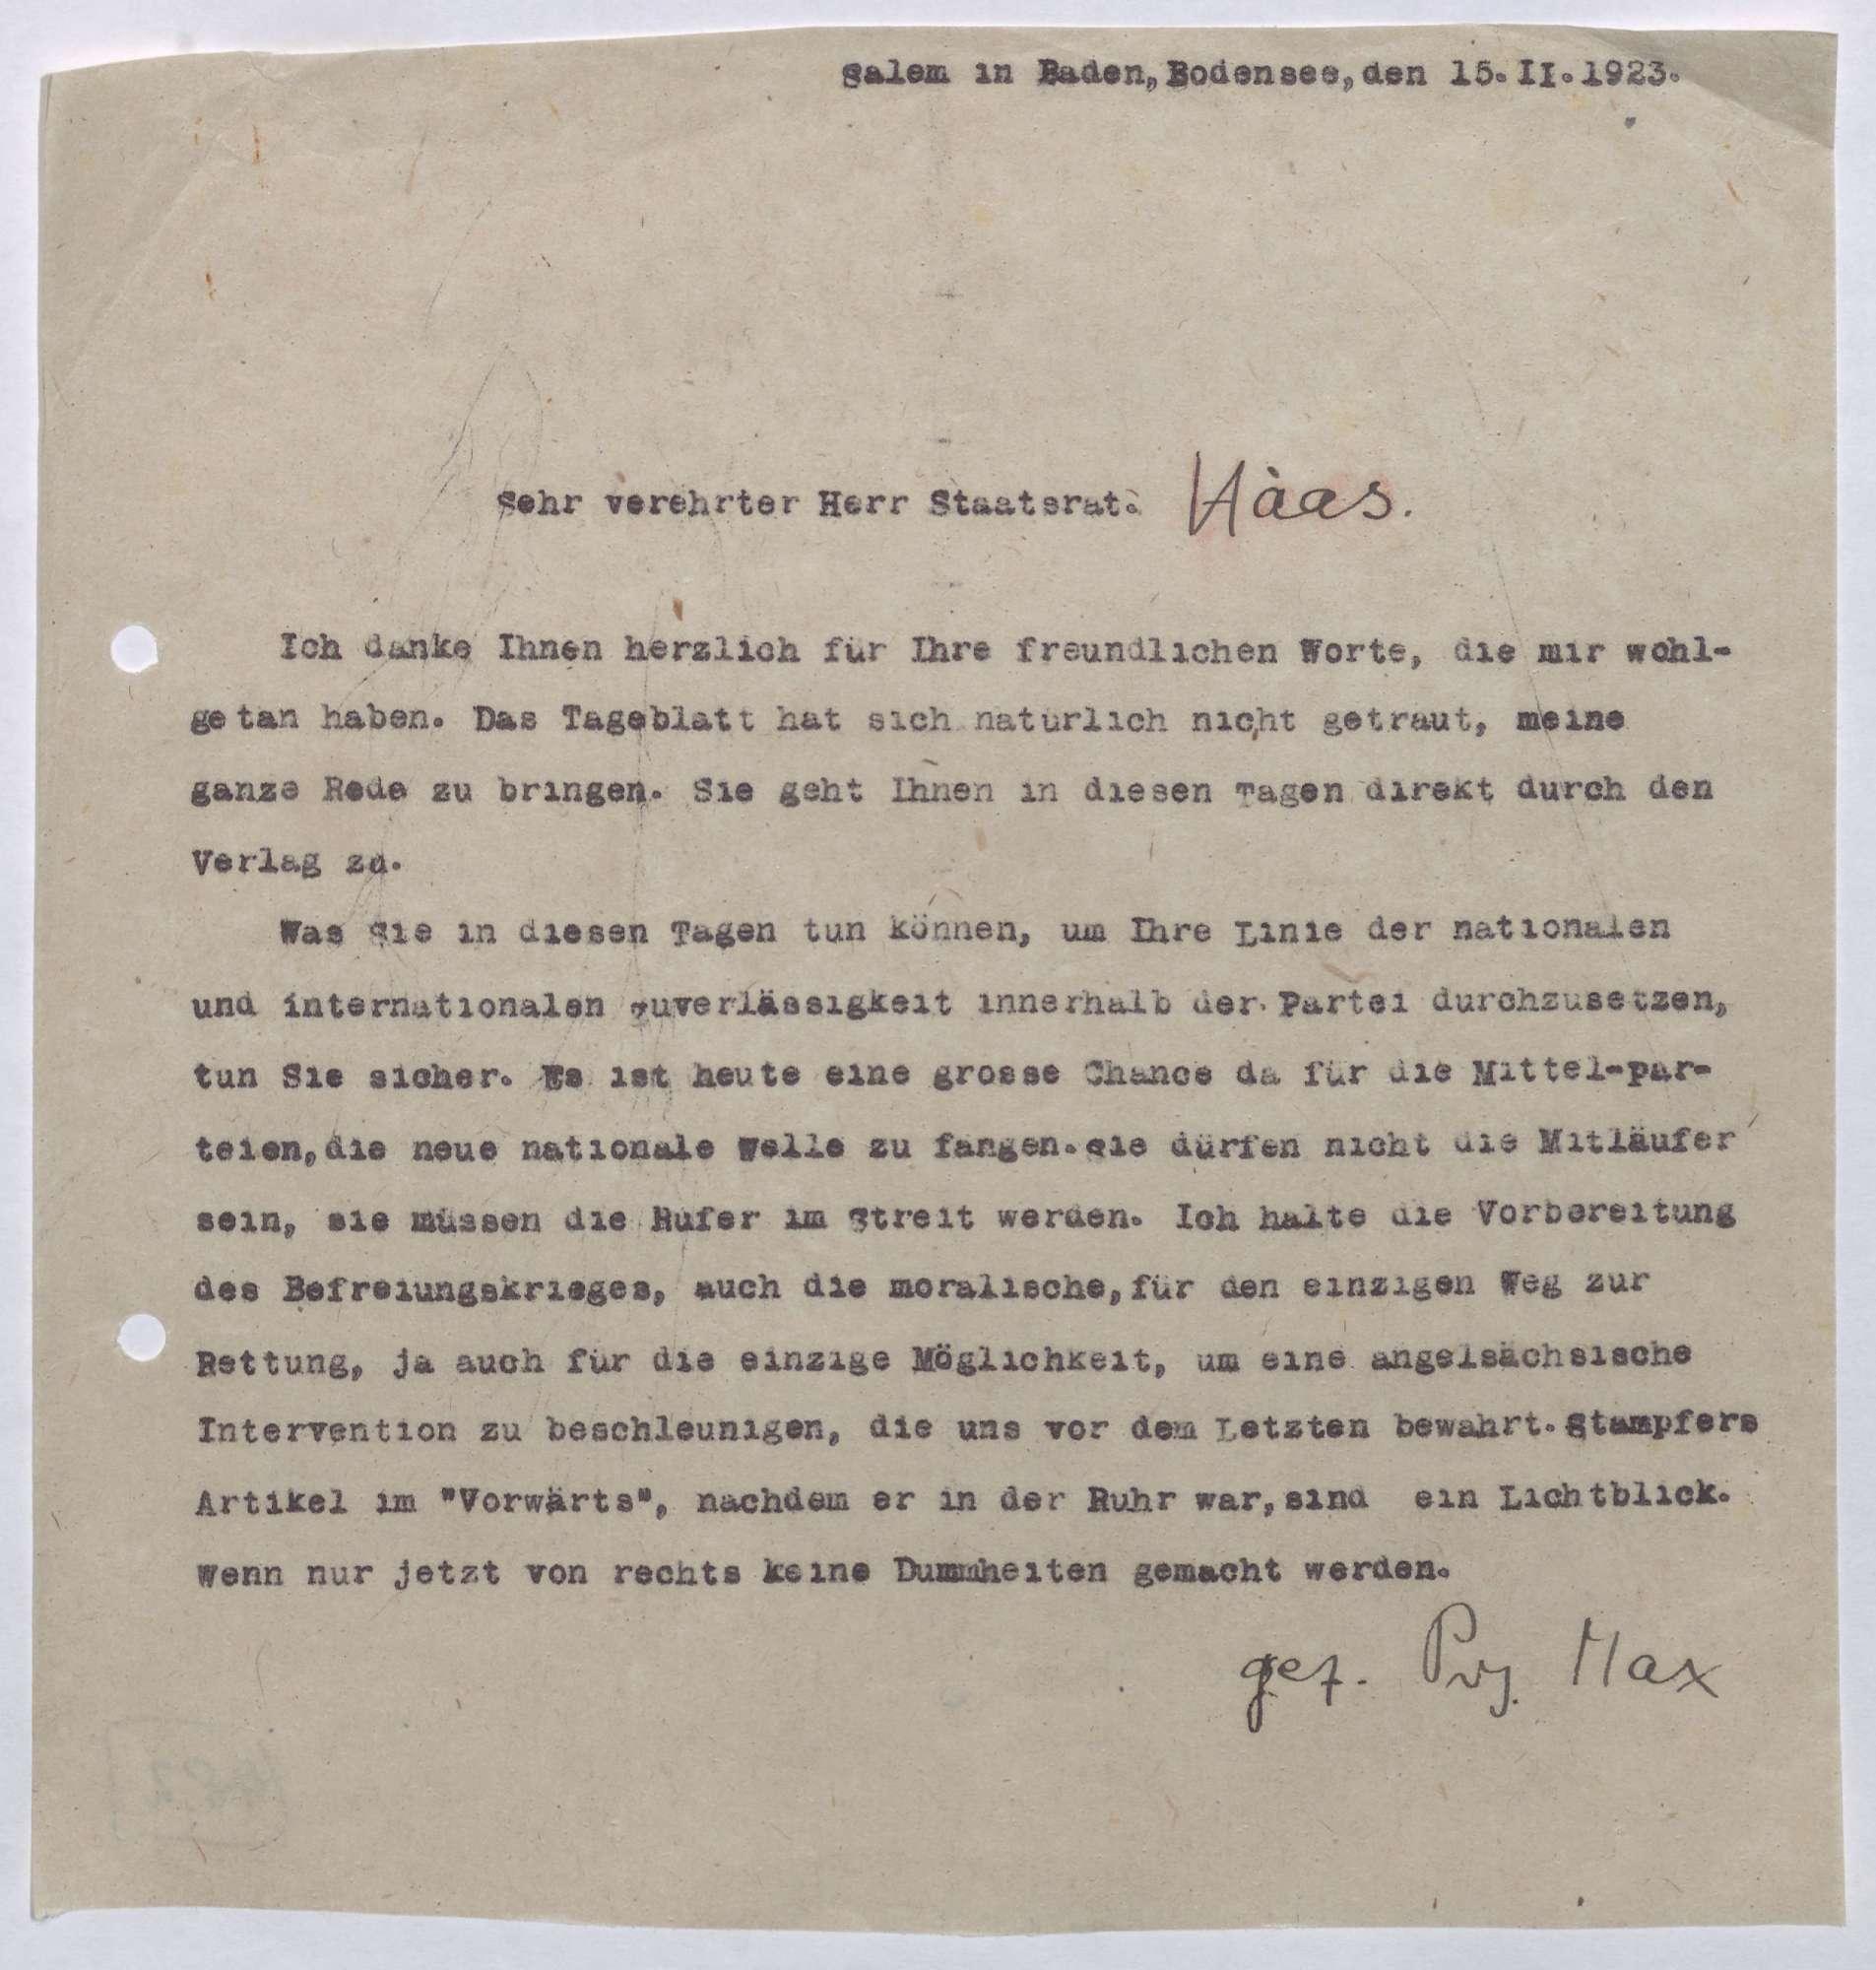 Korrespondenz zwischen Prinz Max von Baden und Ludwig Haas; Ruhrbesetzung und die Möglichkeit einer englisch-amerikanischen Intervention, Bild 2